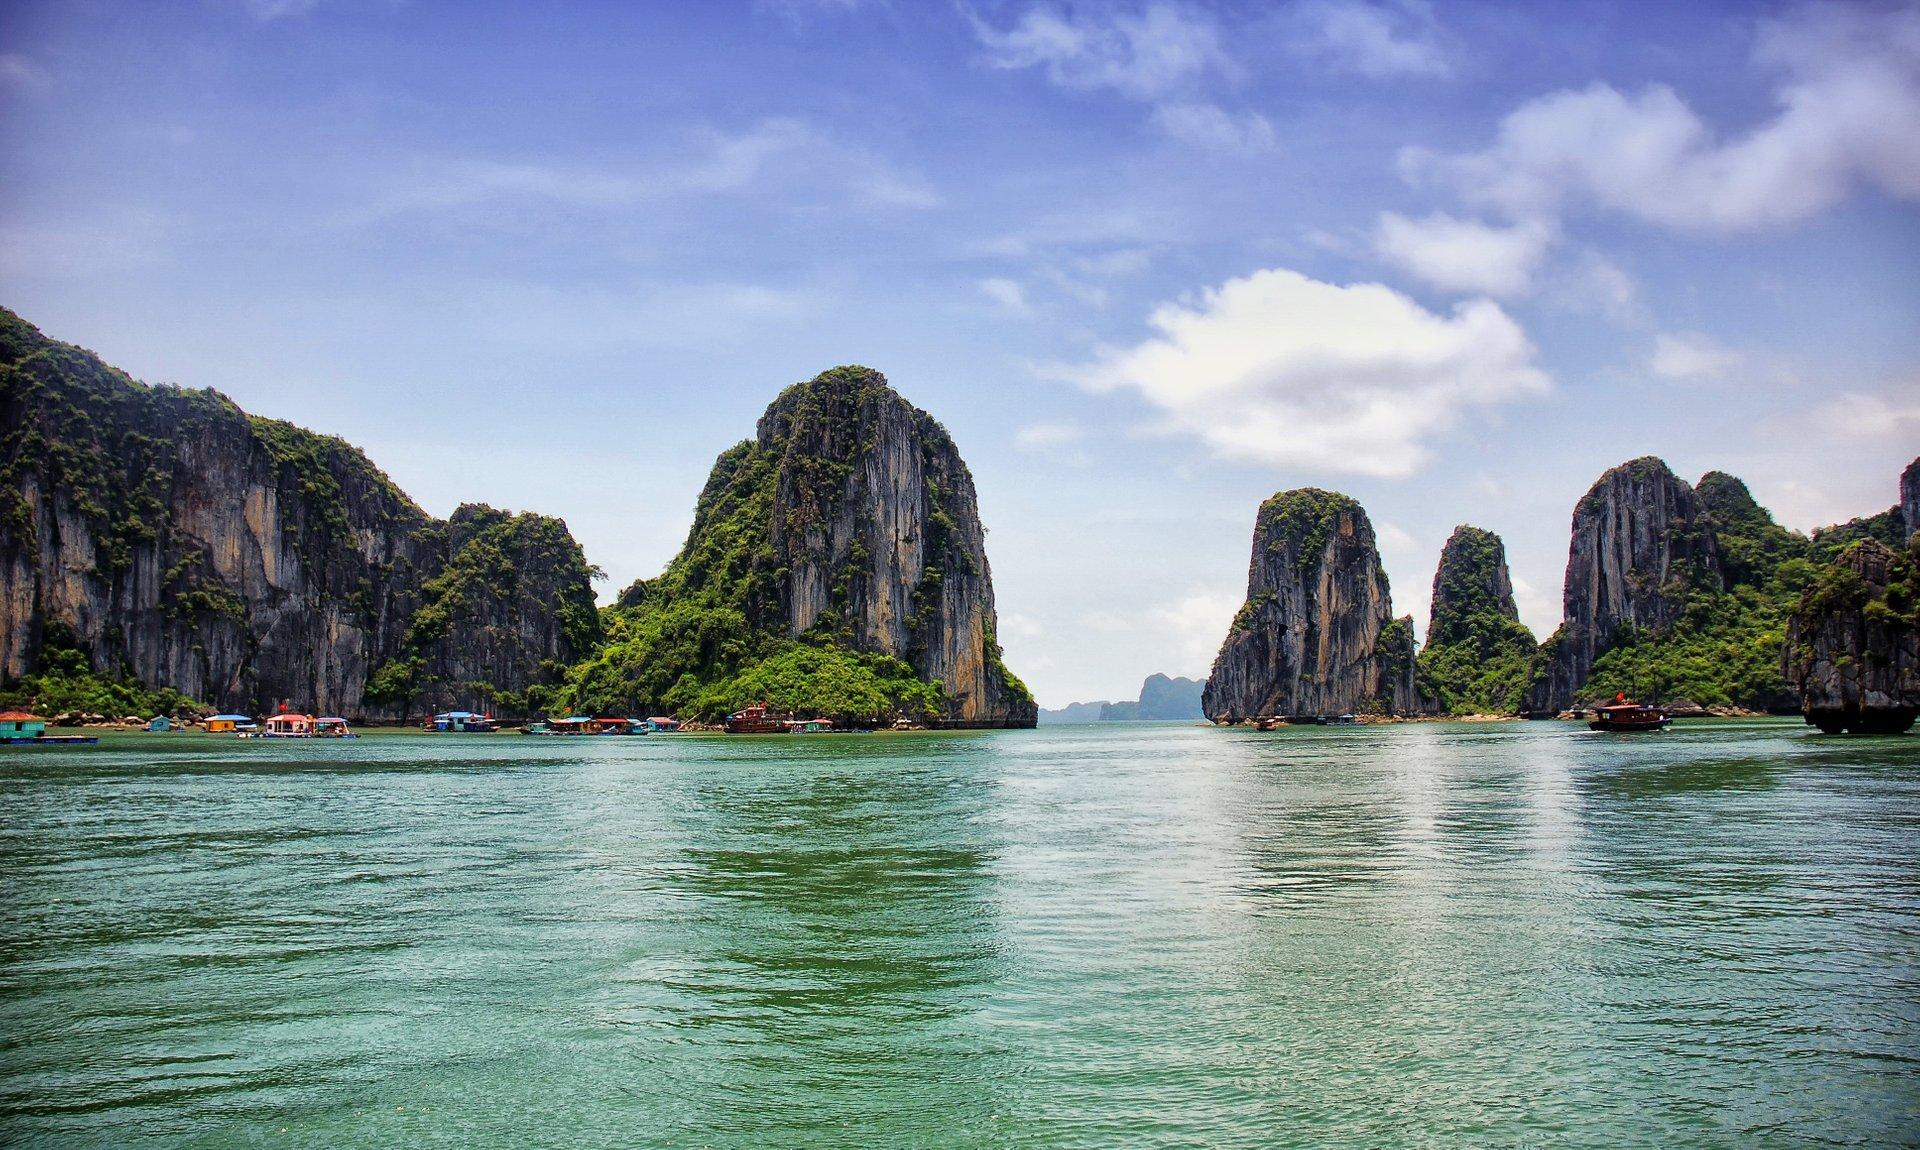 Ha Long Bay in Vietnam 2019 - Best Time